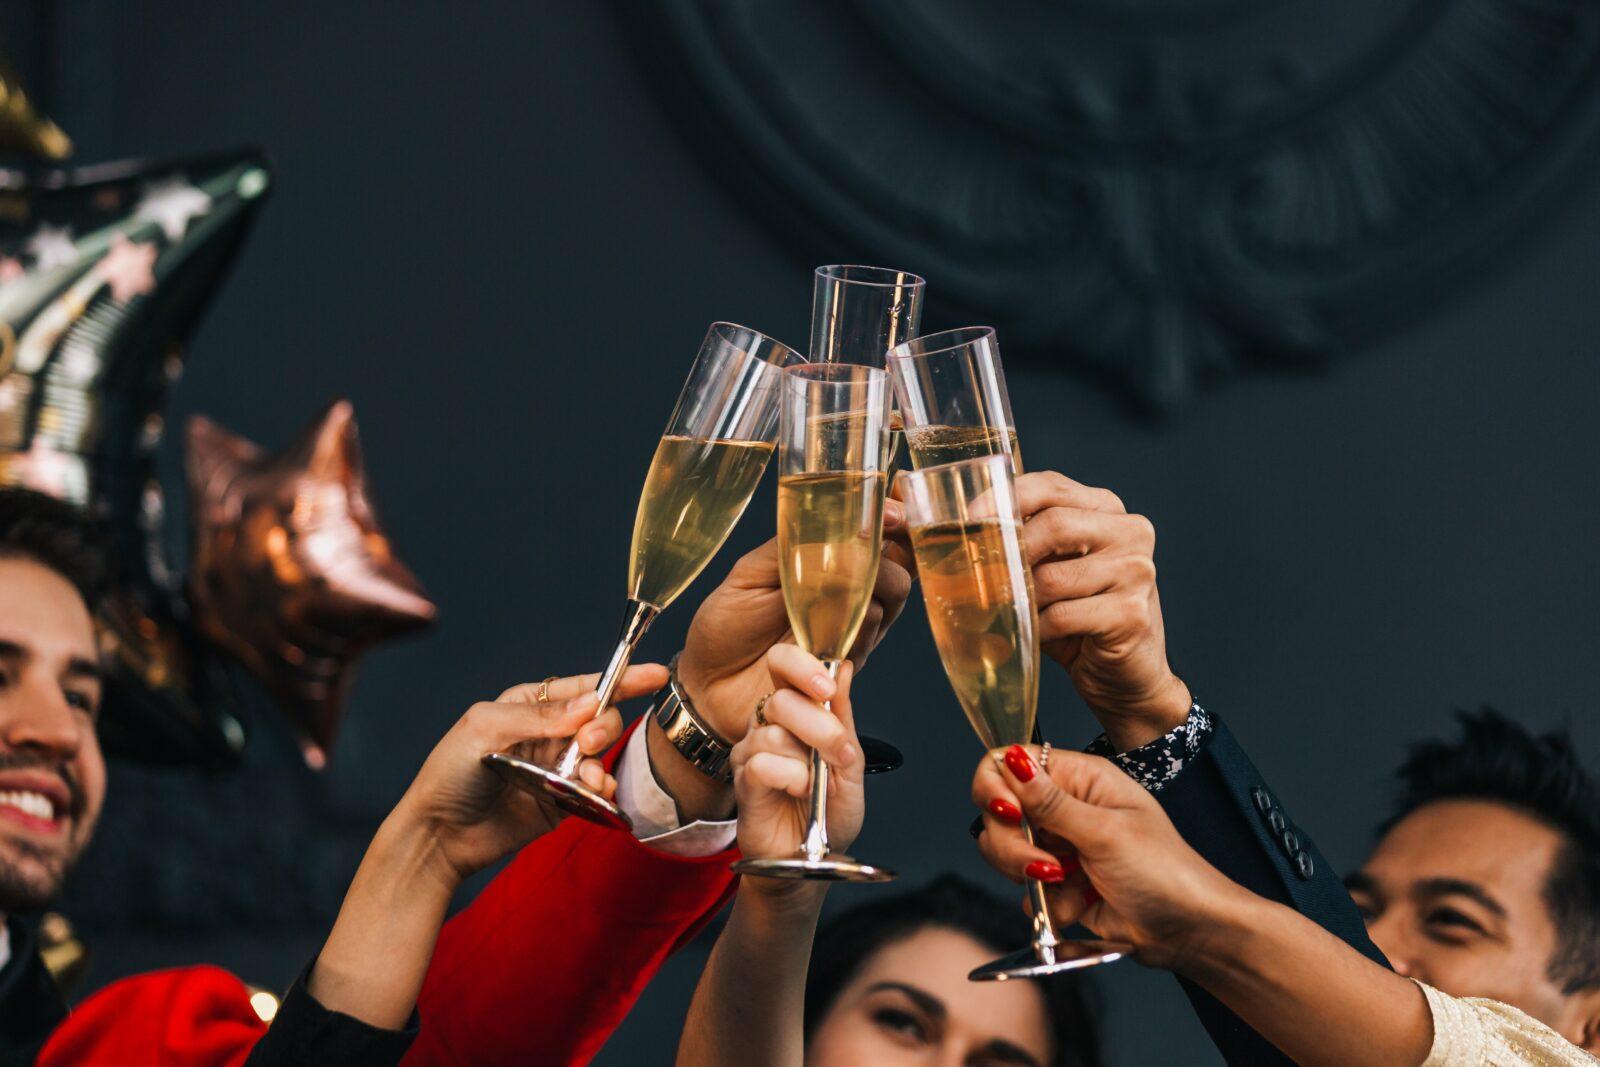 Les bonnes idées pour organiser un Nouvel an confiné en petit comité